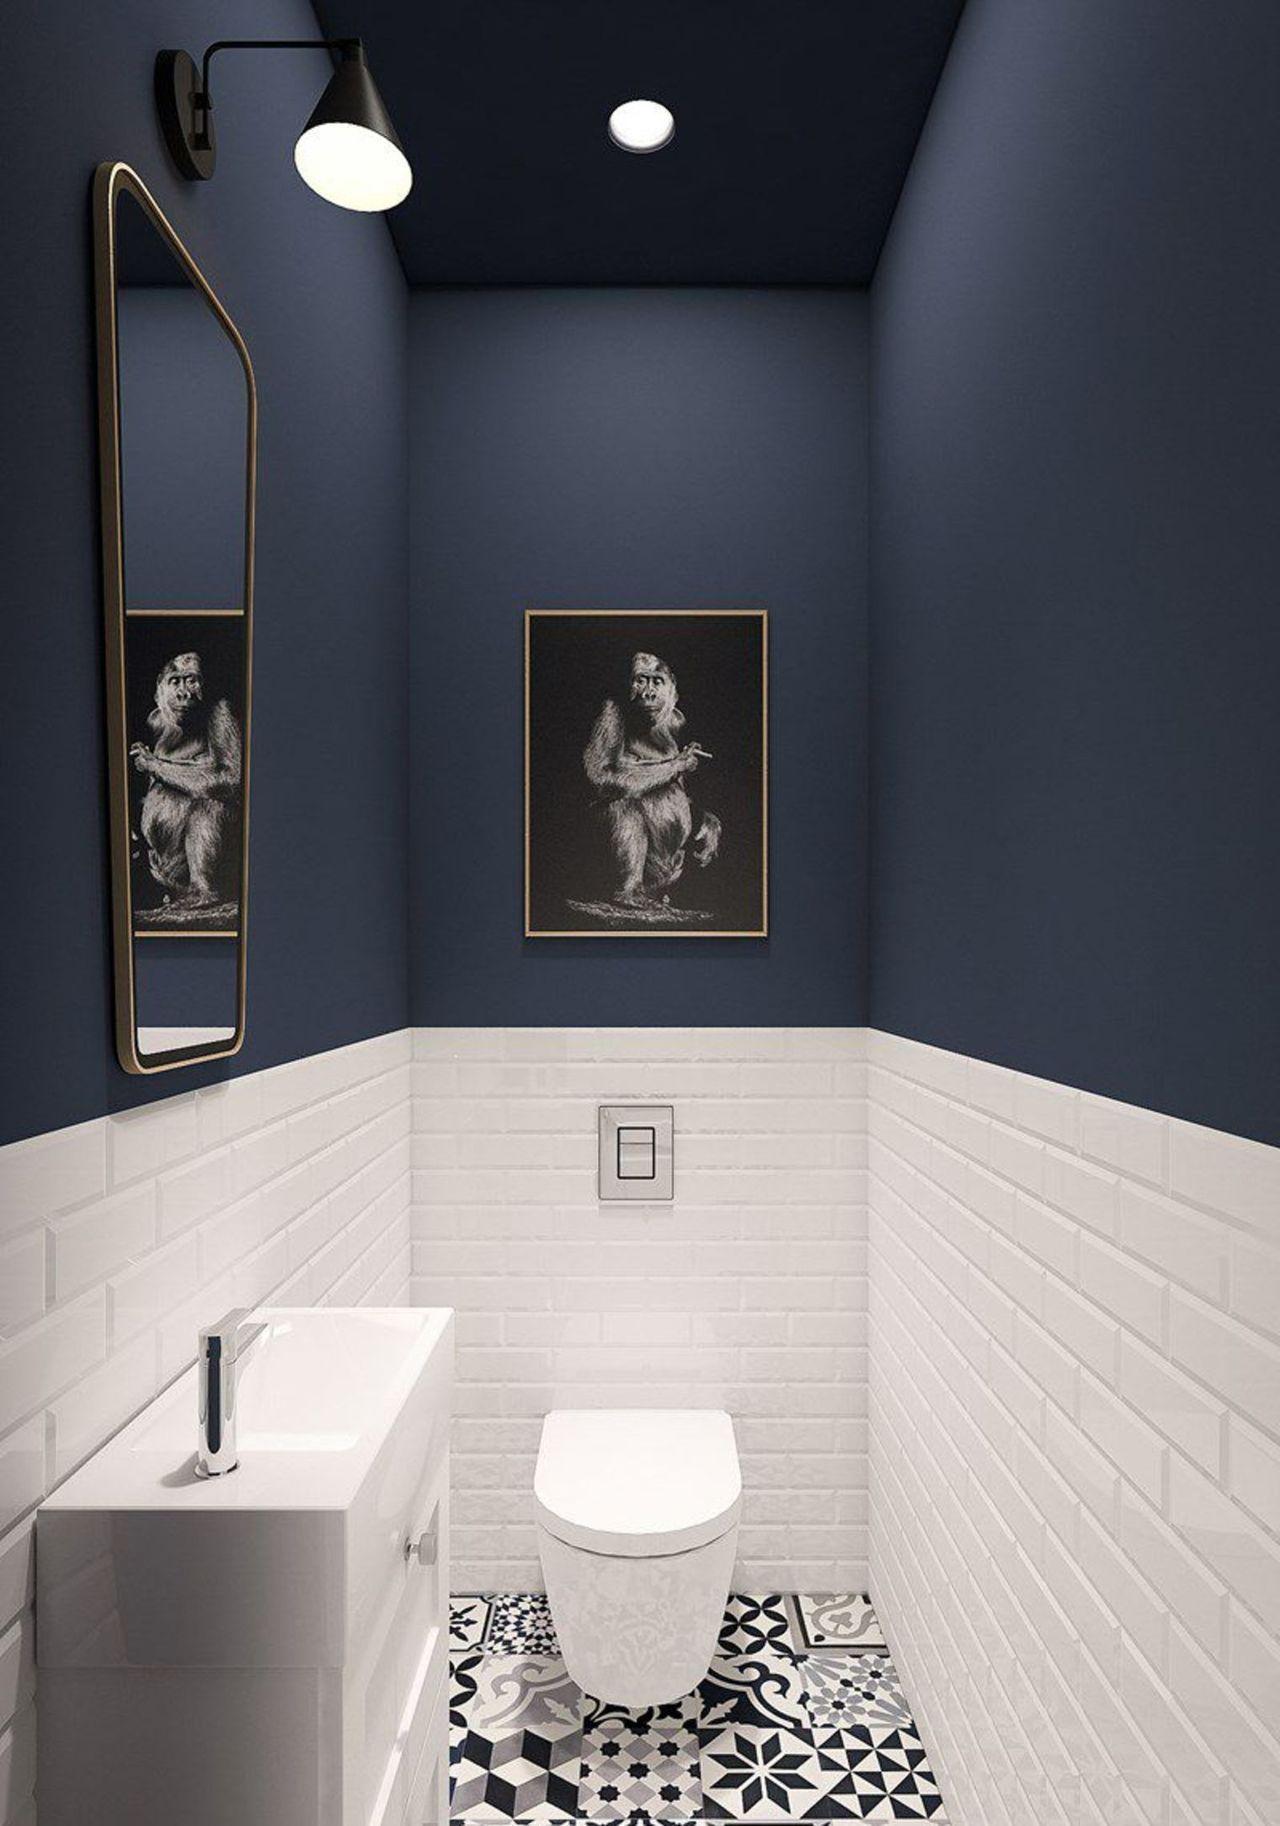 Une Touche De Bleu Nuit Deco Toilettes Idee Deco Toilettes